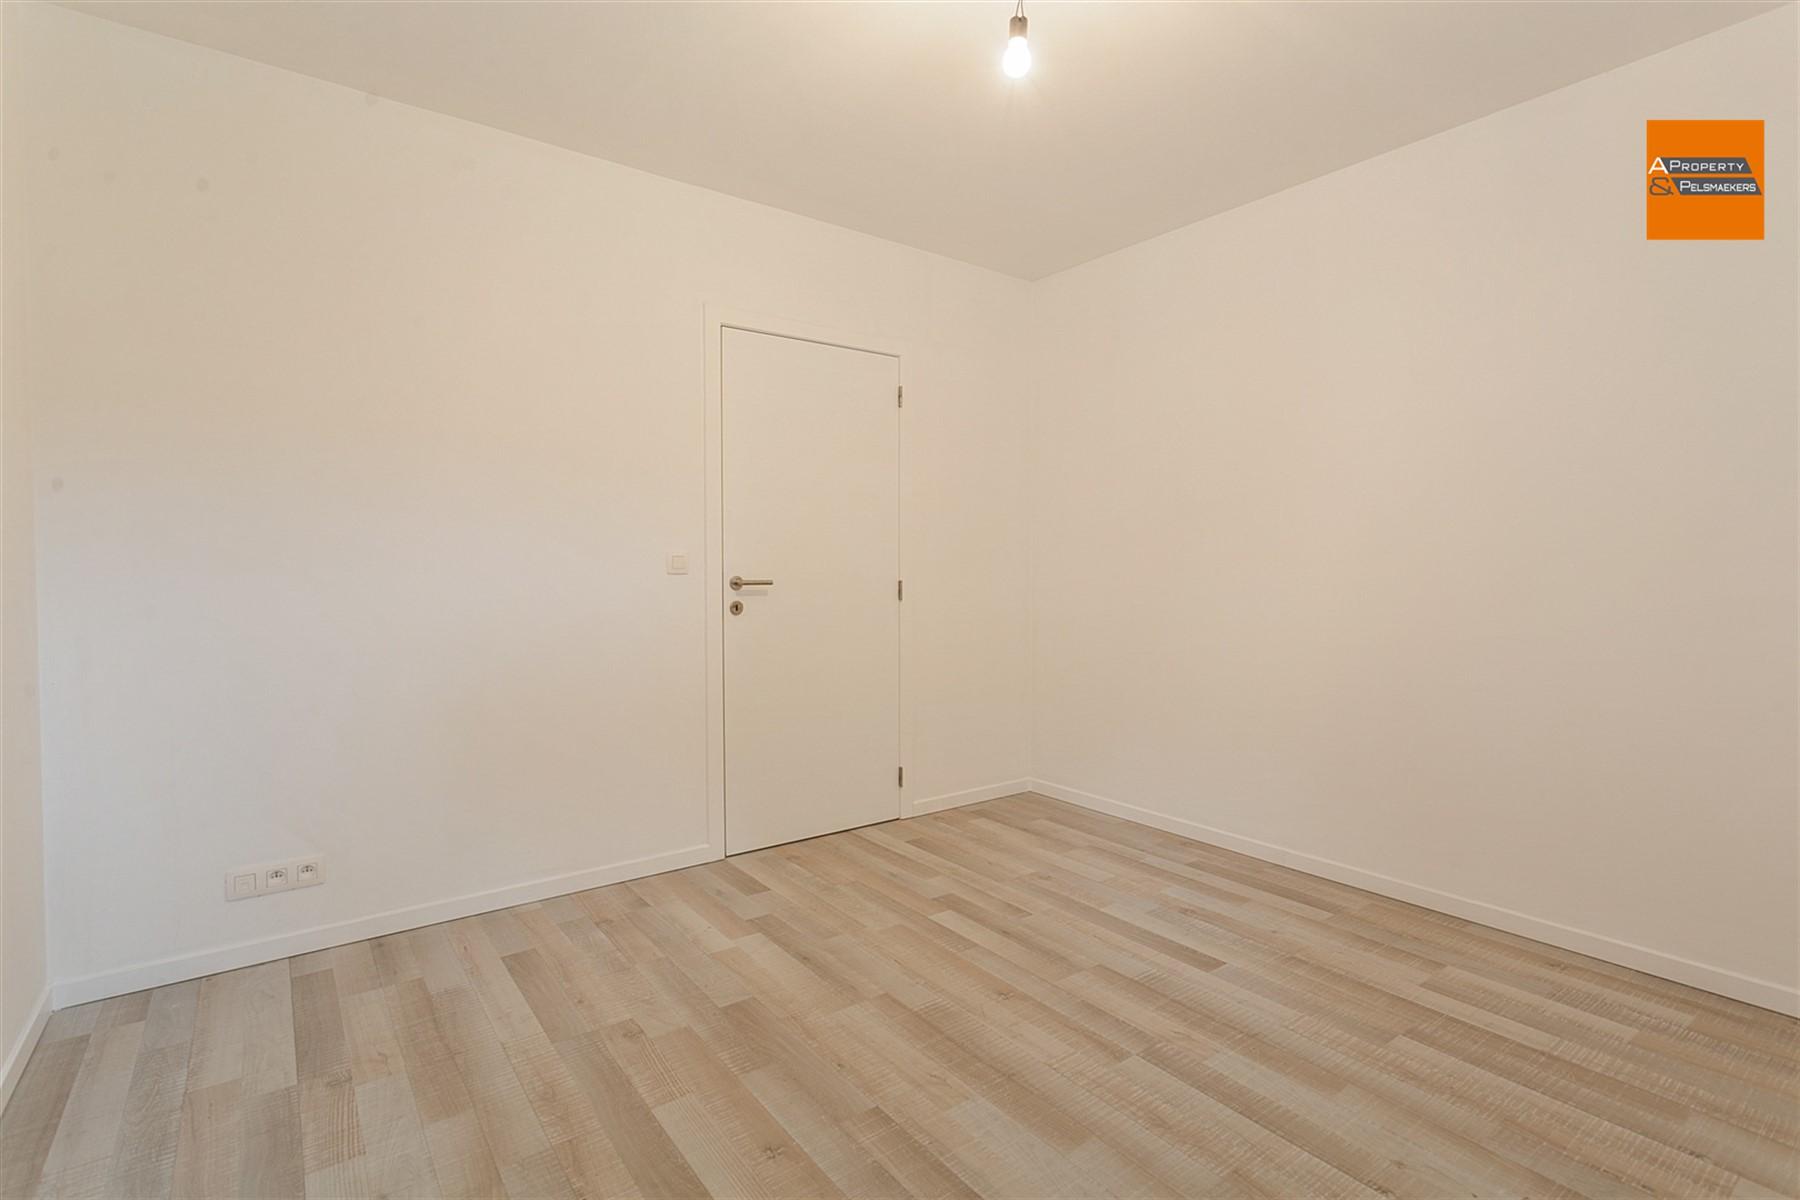 Foto 35 : Huis in 1070 Anderlecht (België) - Prijs € 540.585